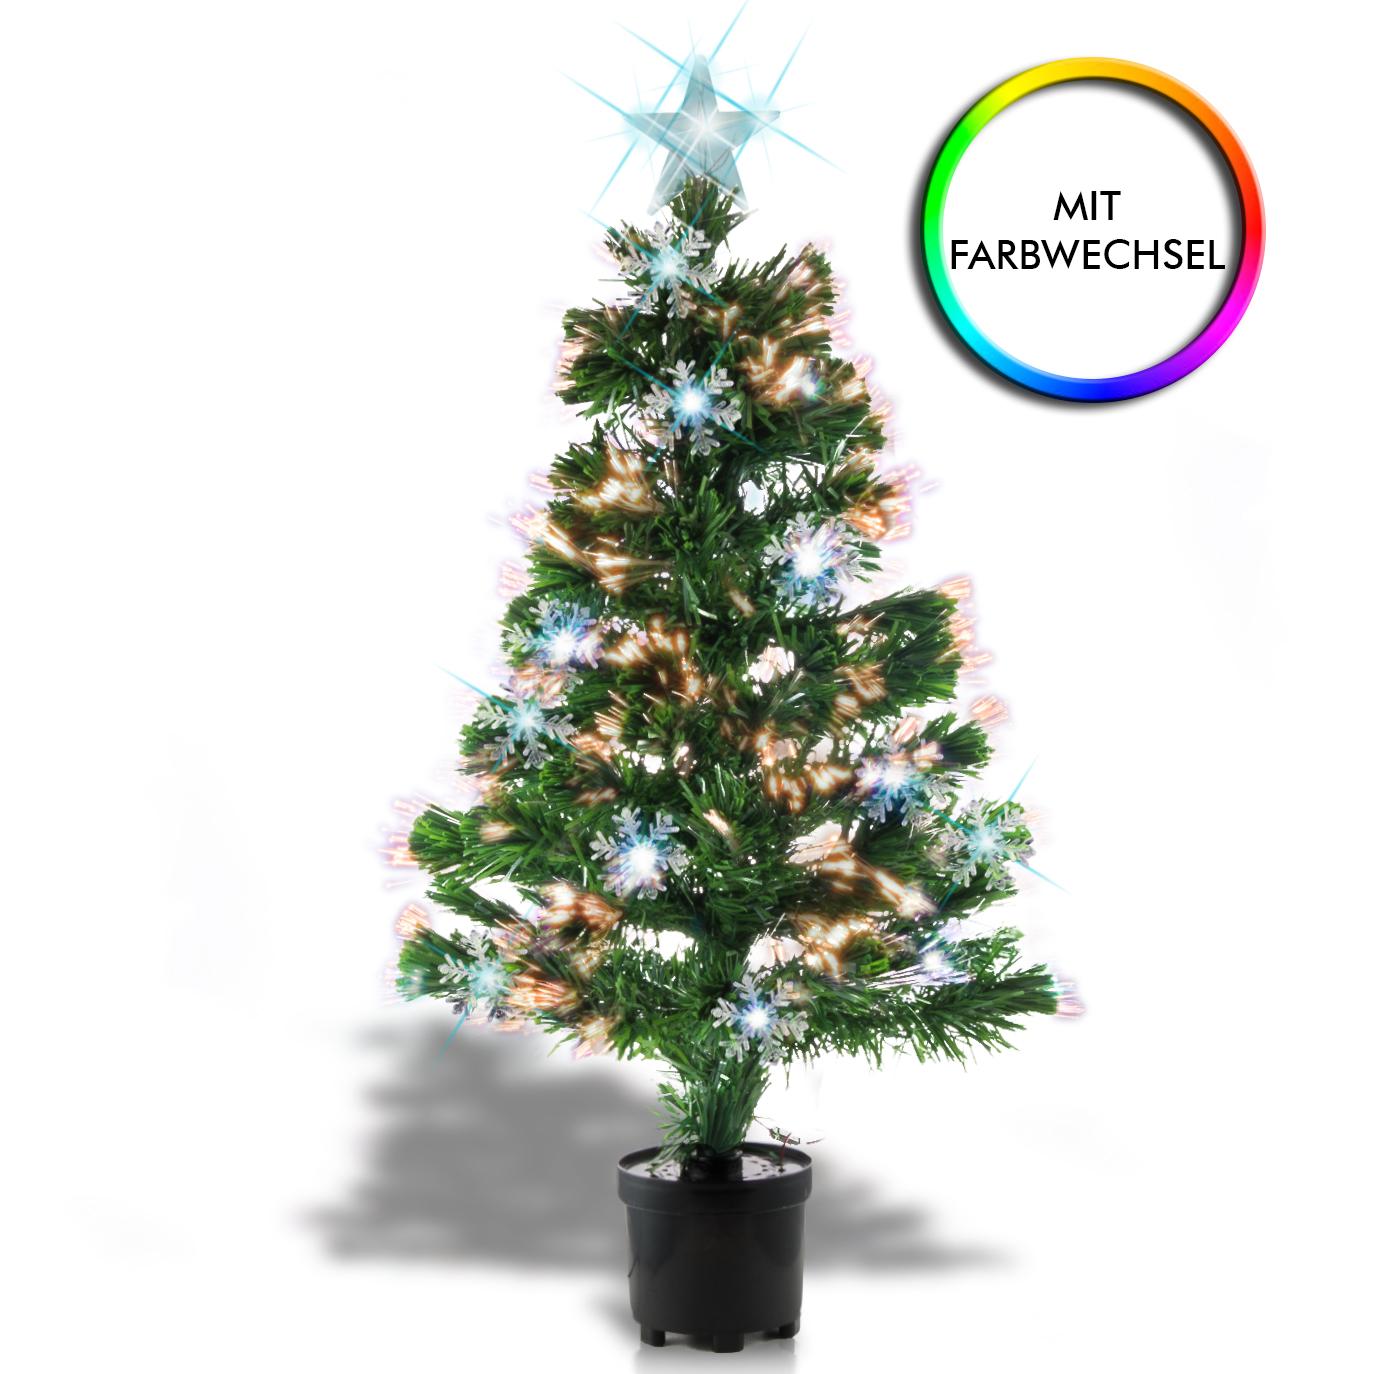 Weihnachtsbaum christbaum tannenbaum dekoration mit - Beleuchteter tannenbaum kunststoff ...